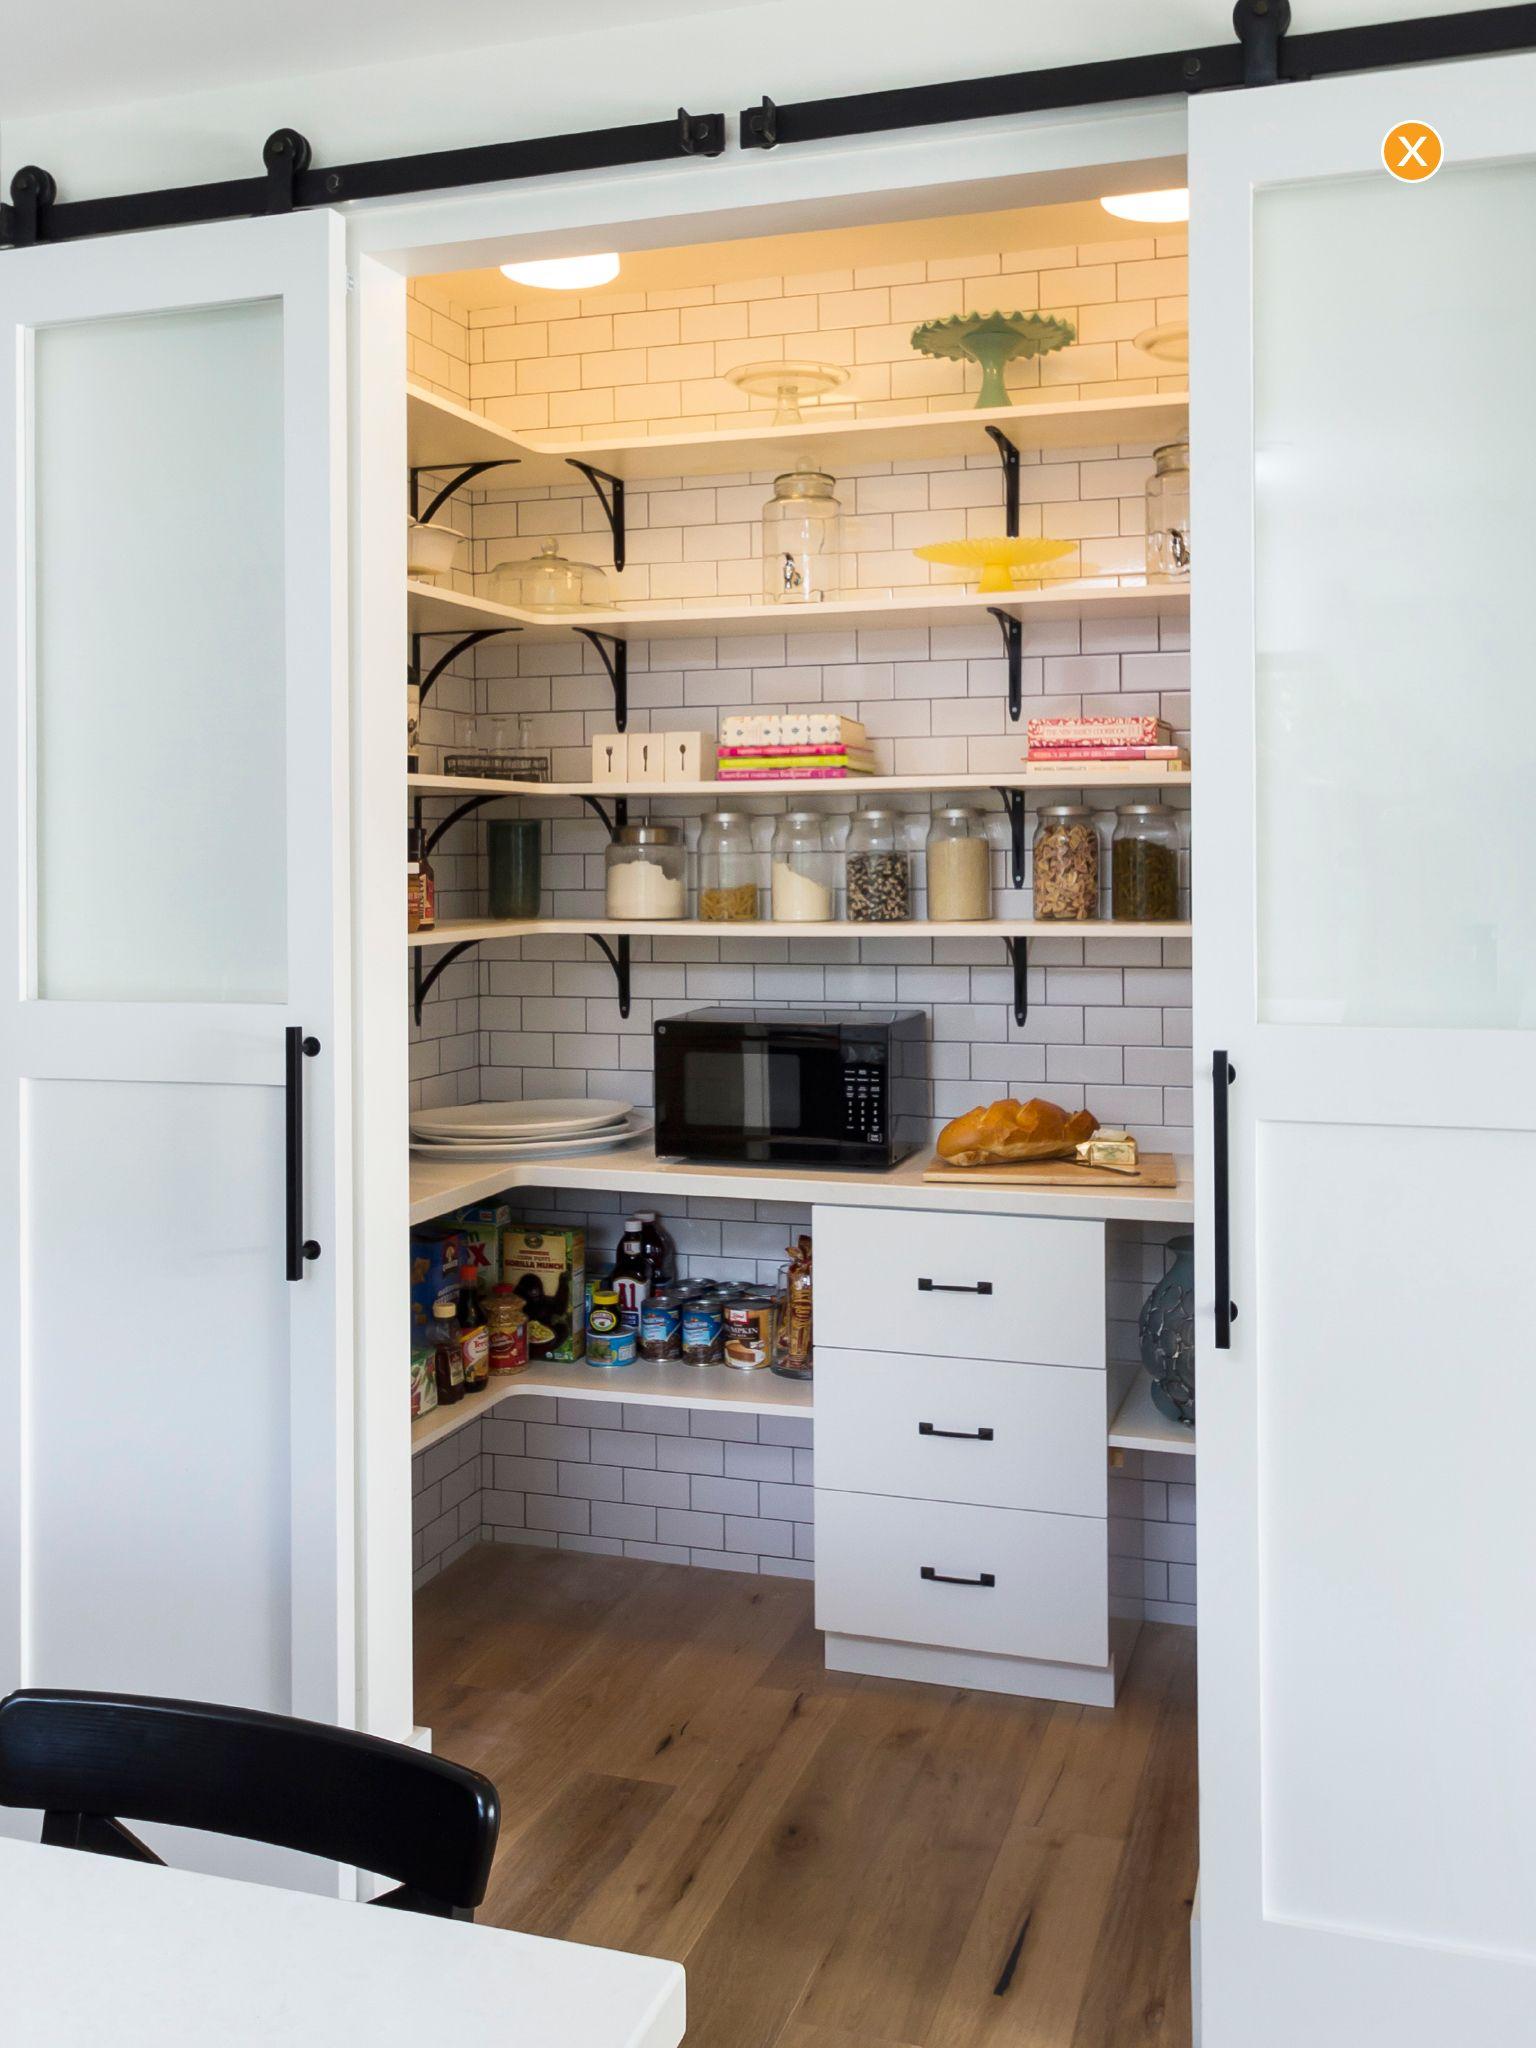 Voorraadkast | House ideas | Pinterest | Küchen ideen, Schöne häuser ...